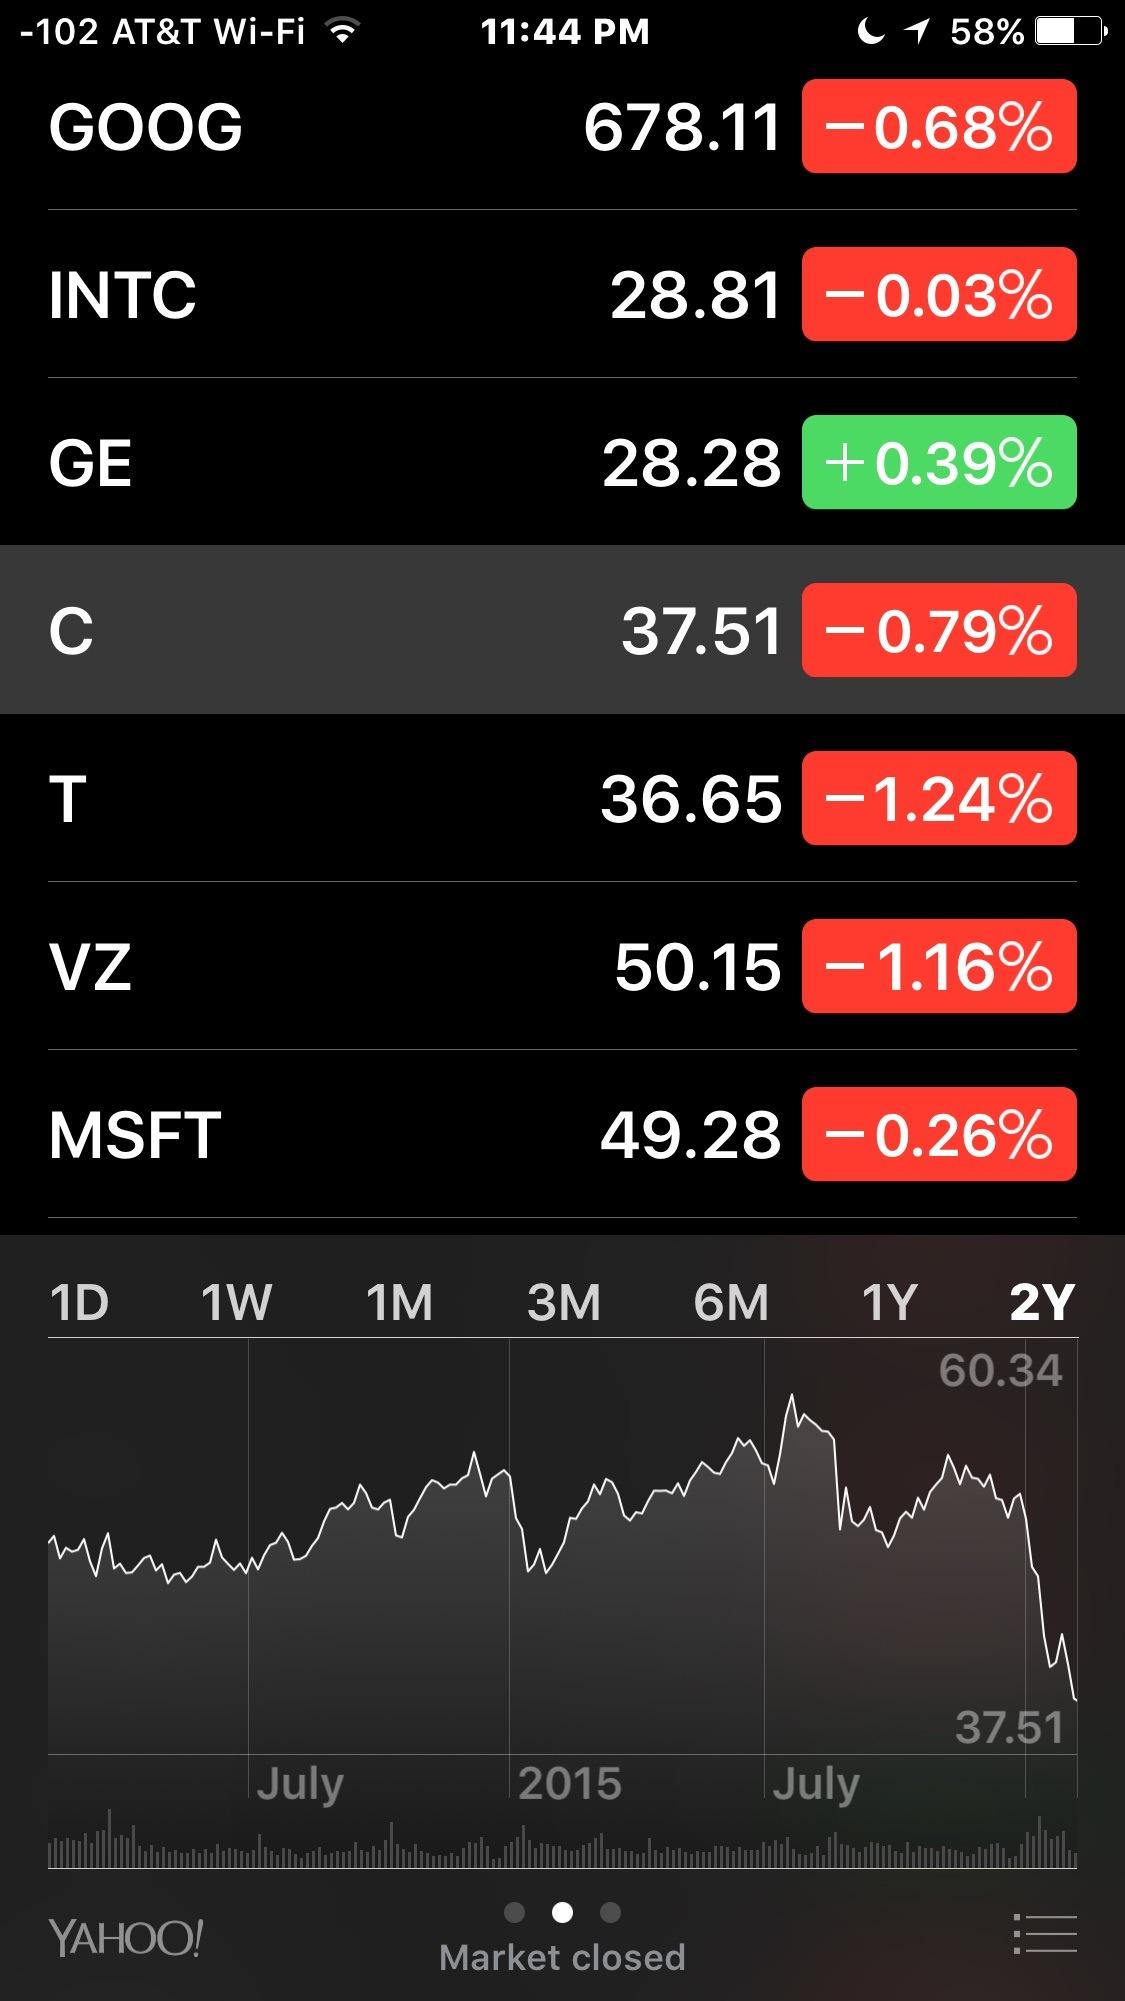 Guarda l'andamento a lungo termine delle azioni e dei mercati nell'app per iPhone Stocks